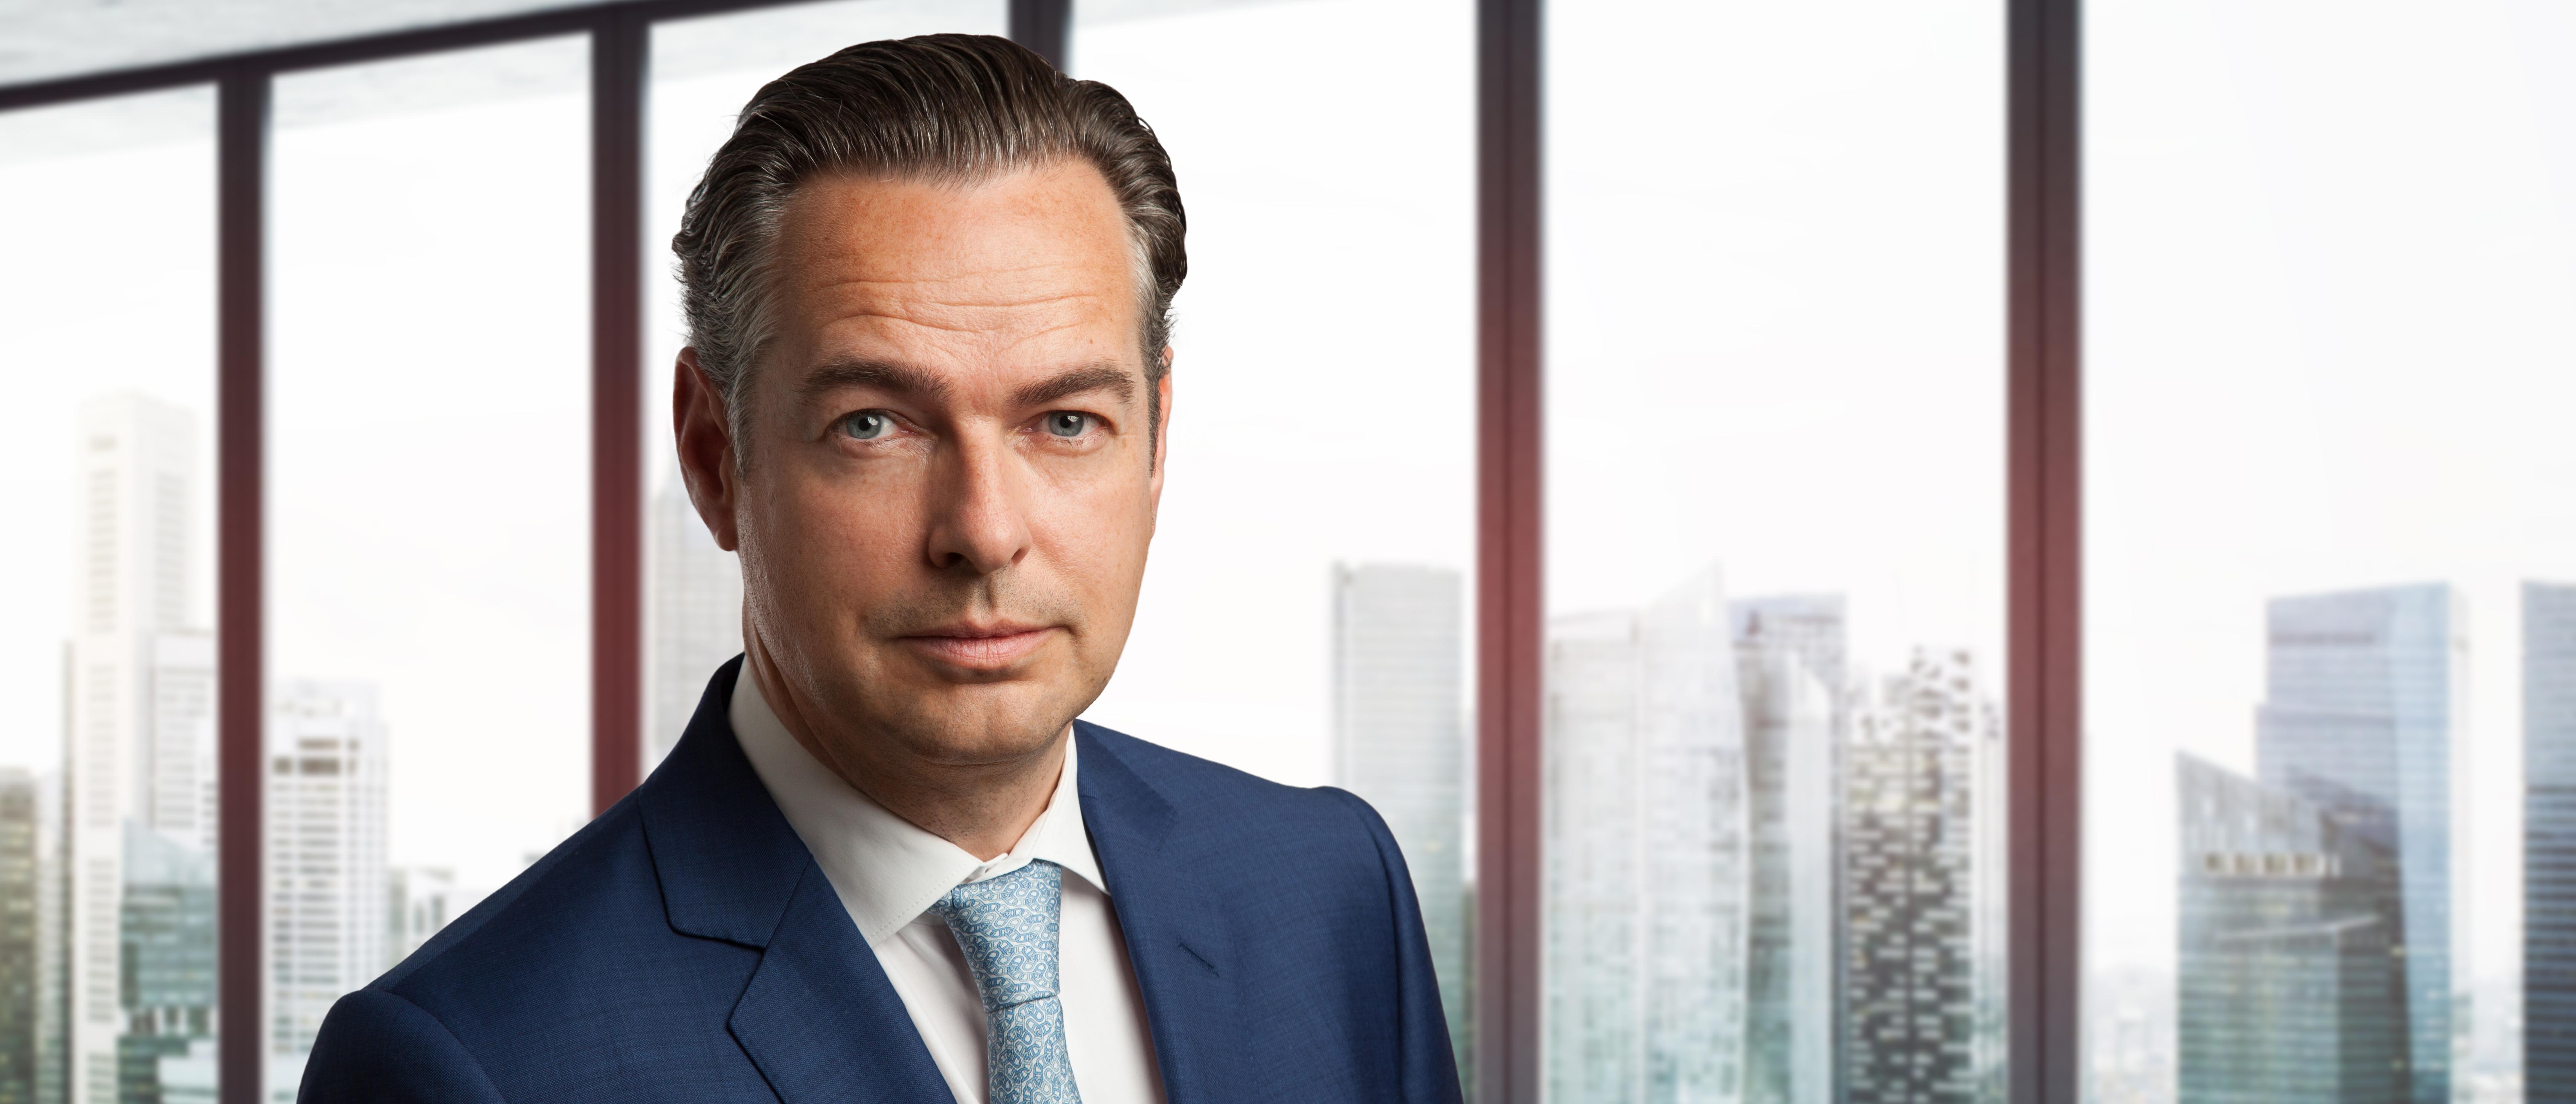 Rechtsanwalt Christian Moritz - Beratung im Brasiliengeschäft